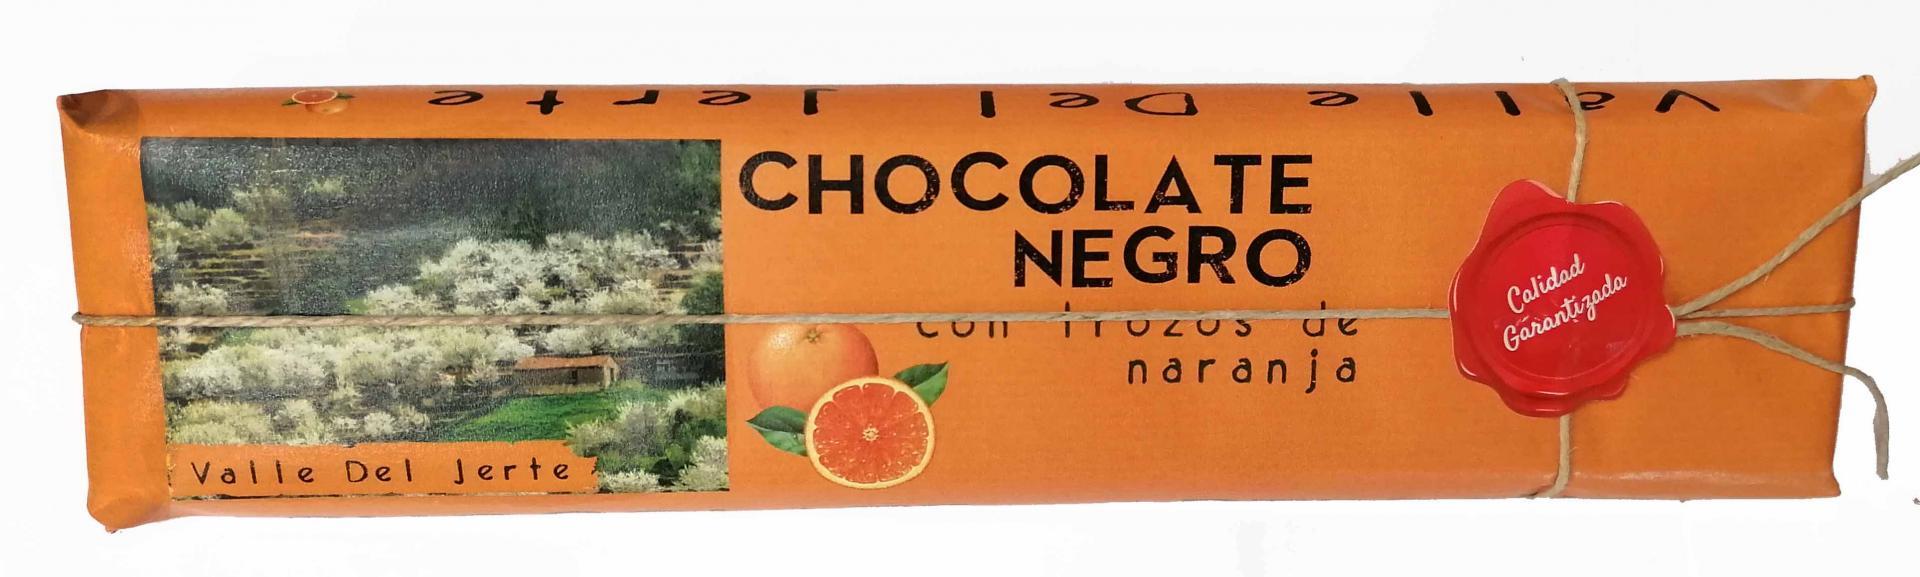 Chocolate negro artesano con naranja Valle del Jerte